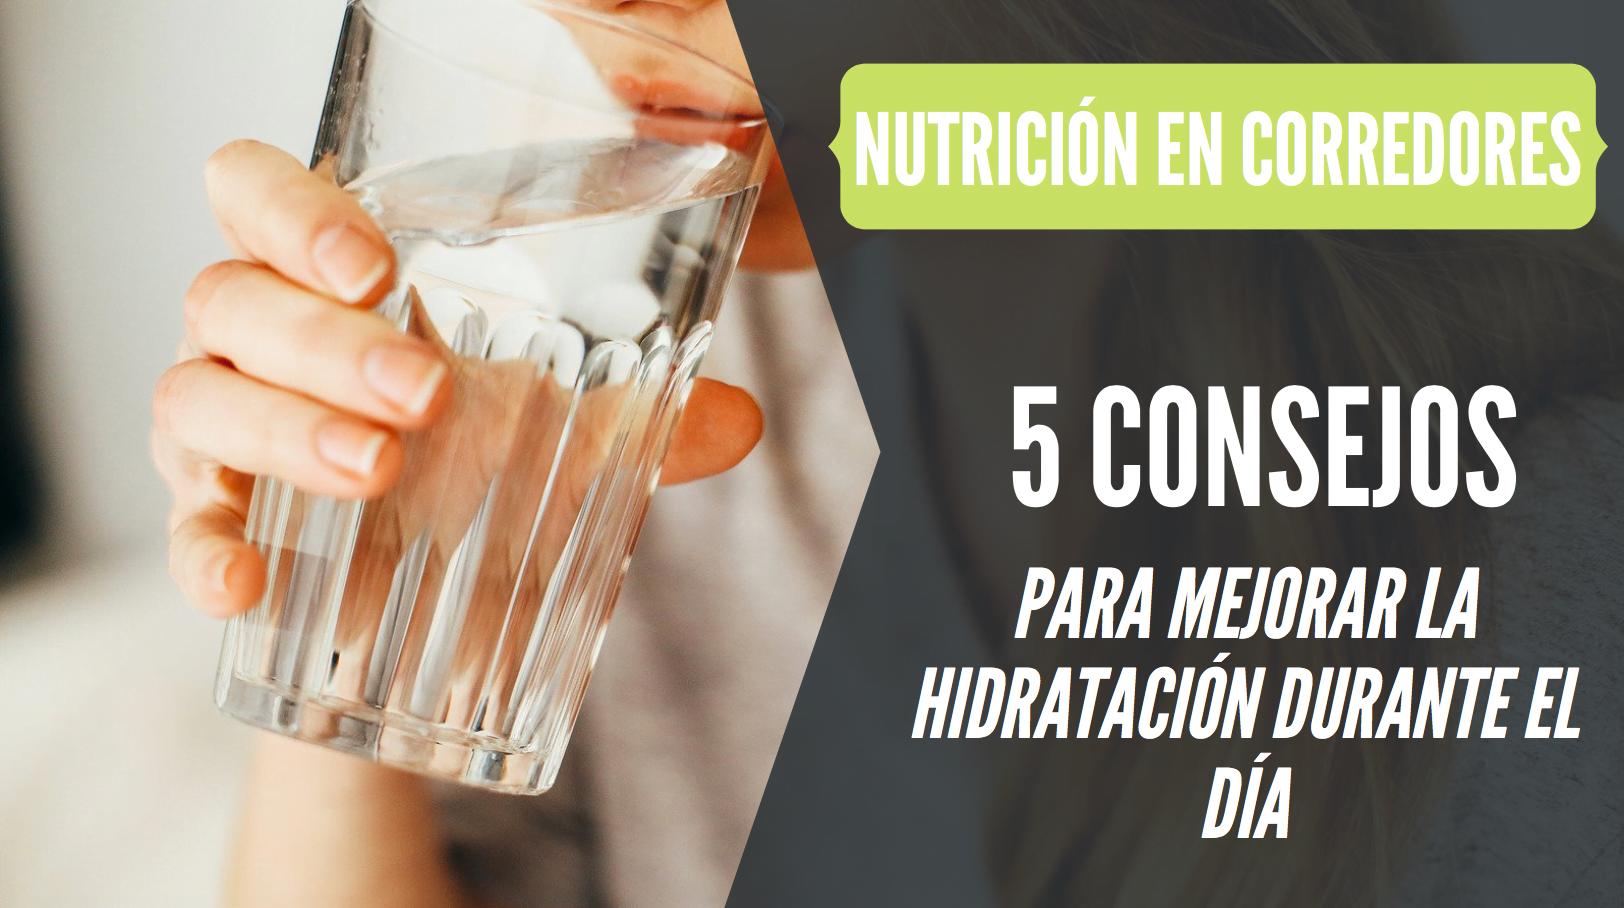 como mejorar hidratacion durante el dia